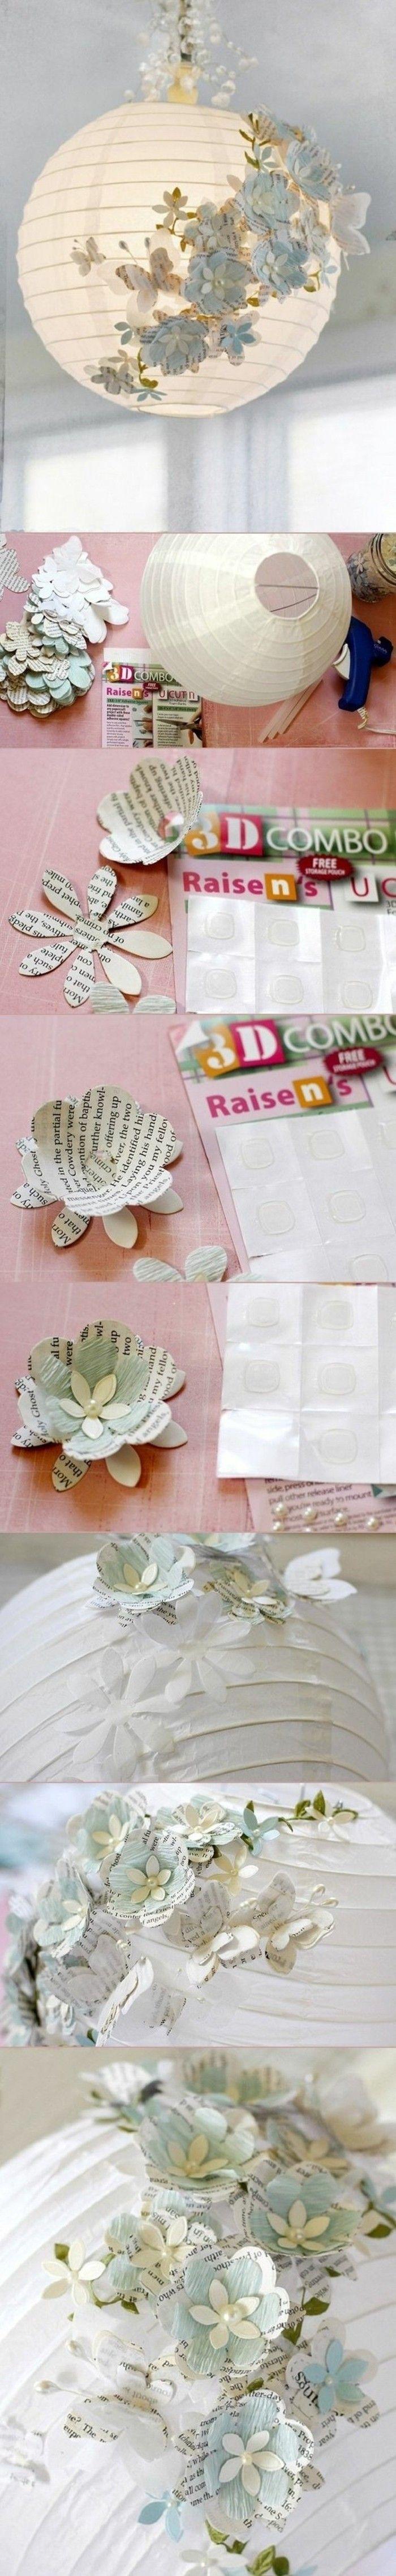 Diy Moebel Kreative Wohnideen Kronleuchter Mit Blumen Aus Papier Dekorieren